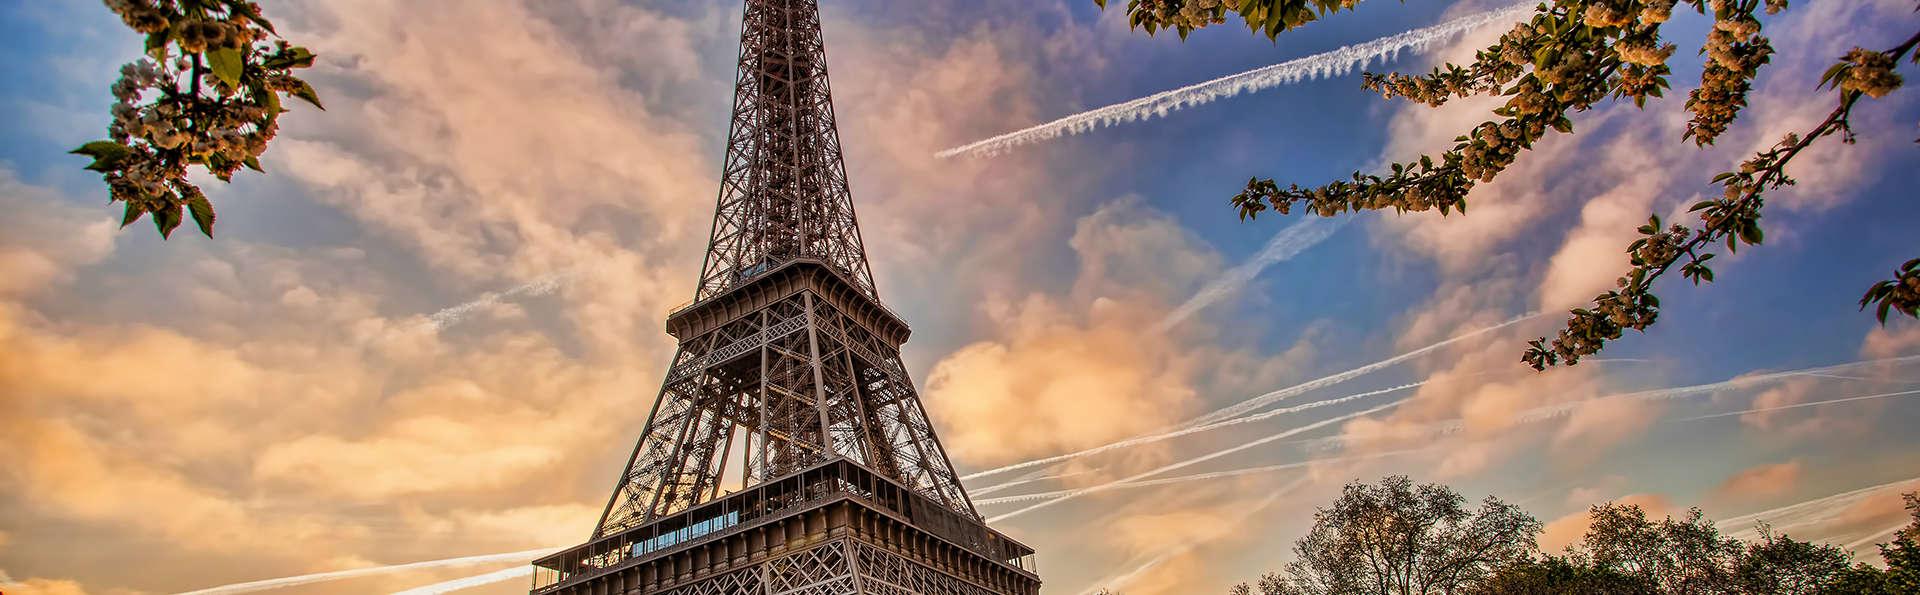 Escapade parisienne avec visite guidée de la Tour Eiffel